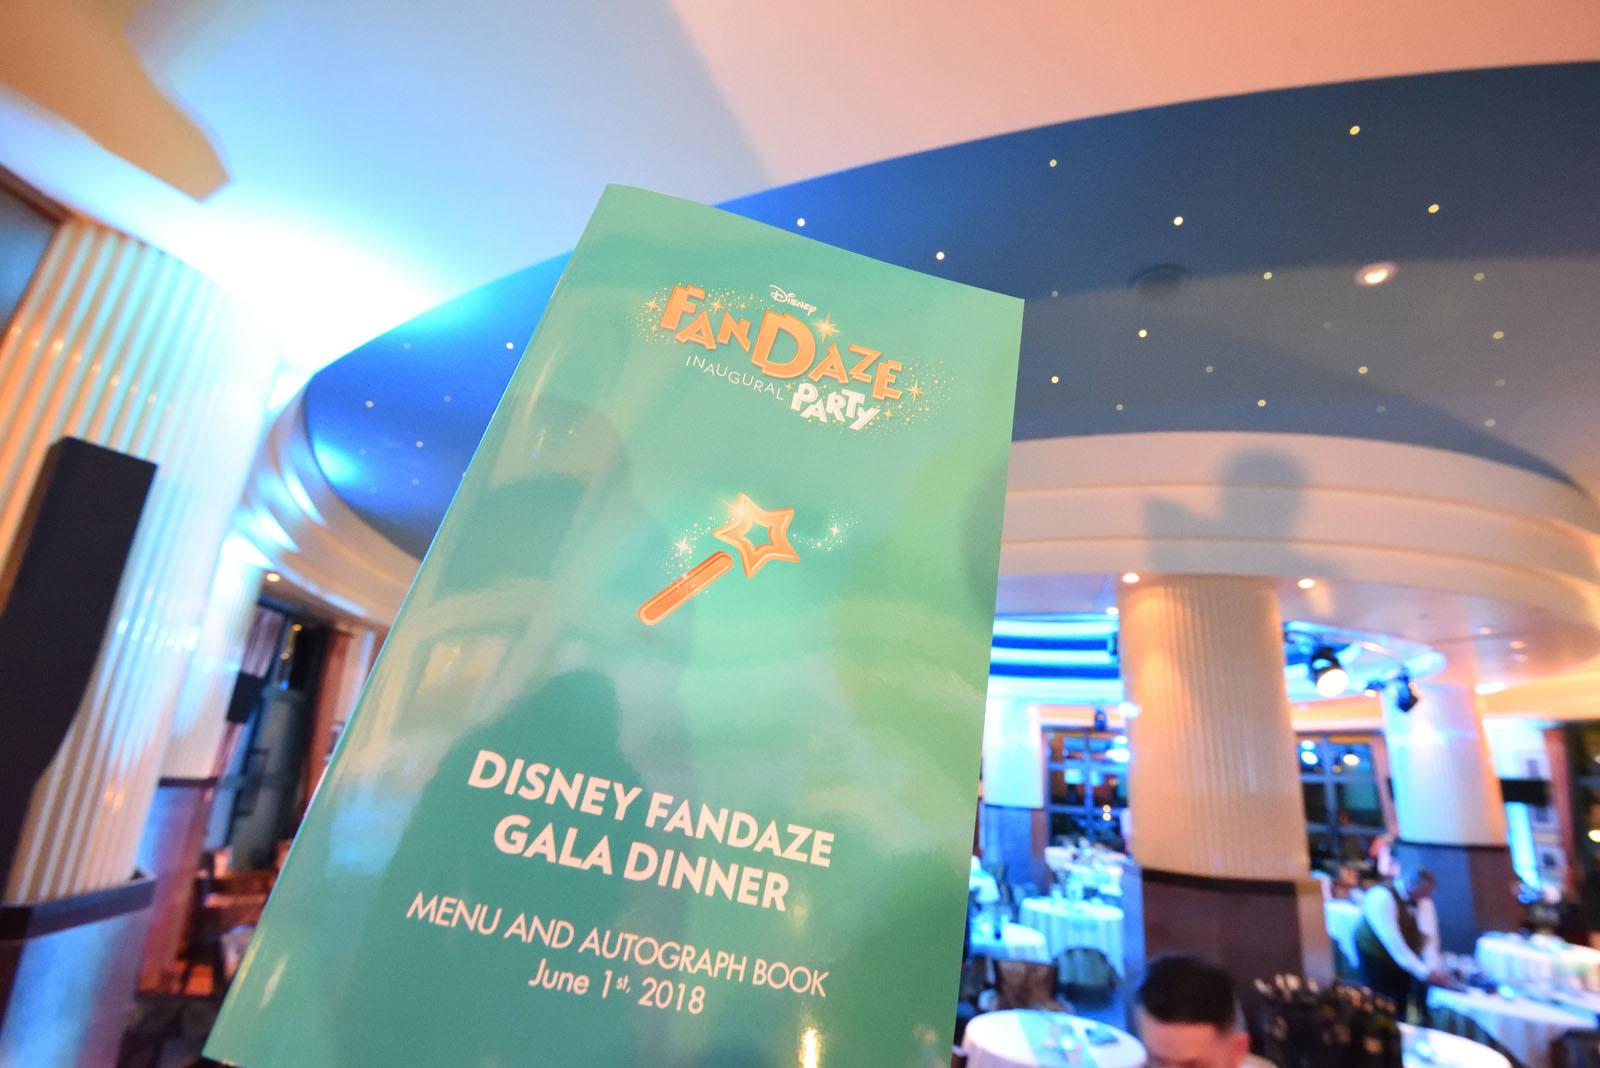 ディズニーランド・パリ ディズニー・ファンデイズ Disneyland Paris Disney FanDaze